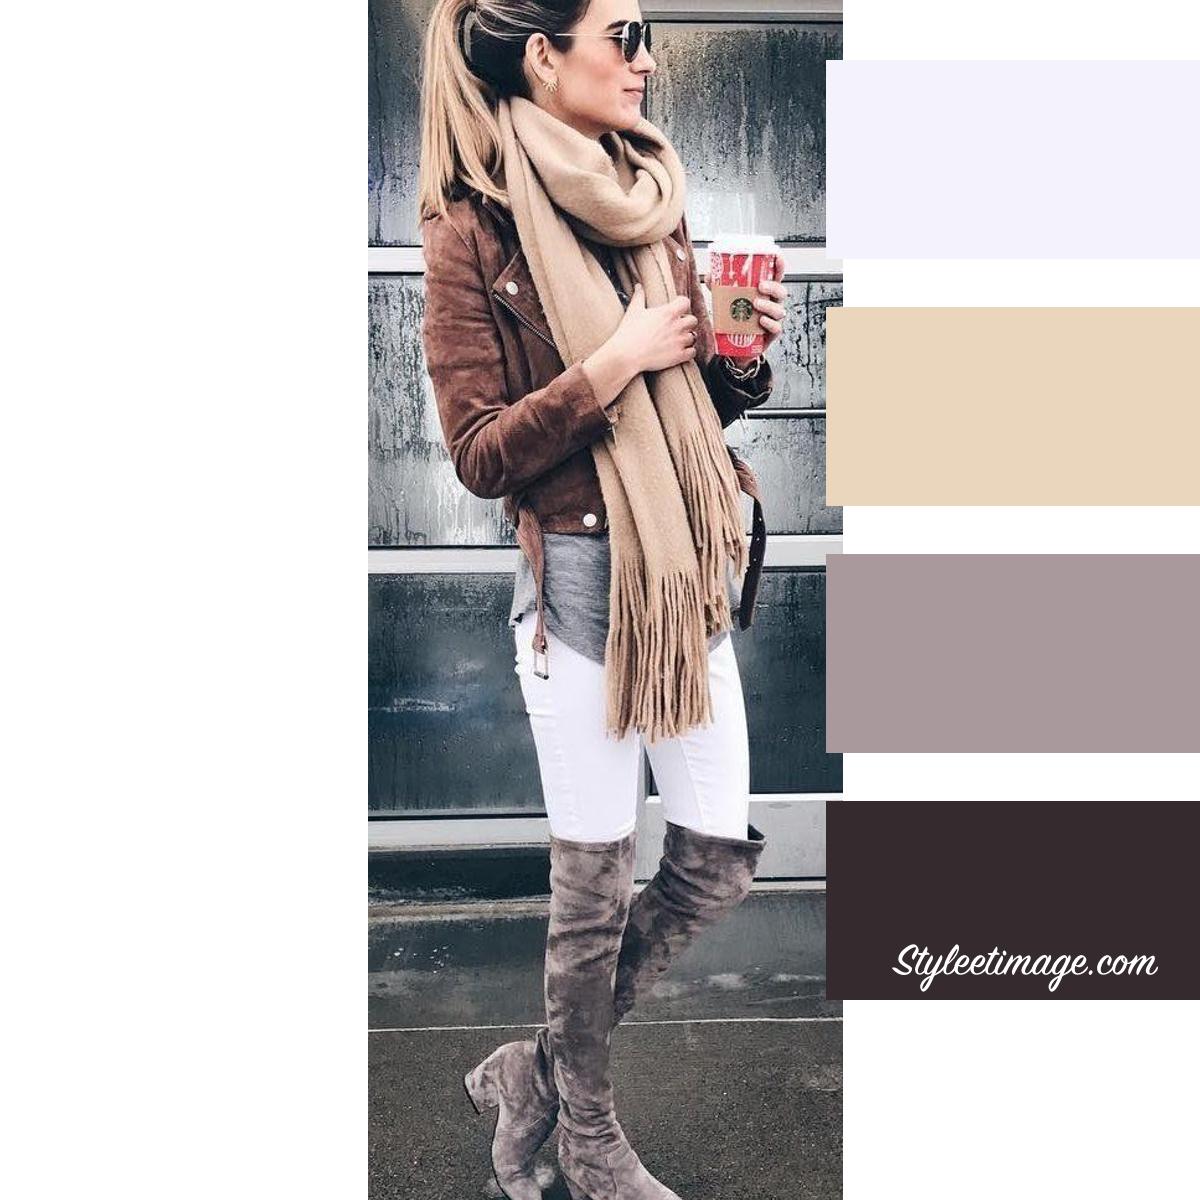 Quelle Couleur Se Marie Bien Avec Le Beige 15 idées pour associer les couleurs de vos vêtements |